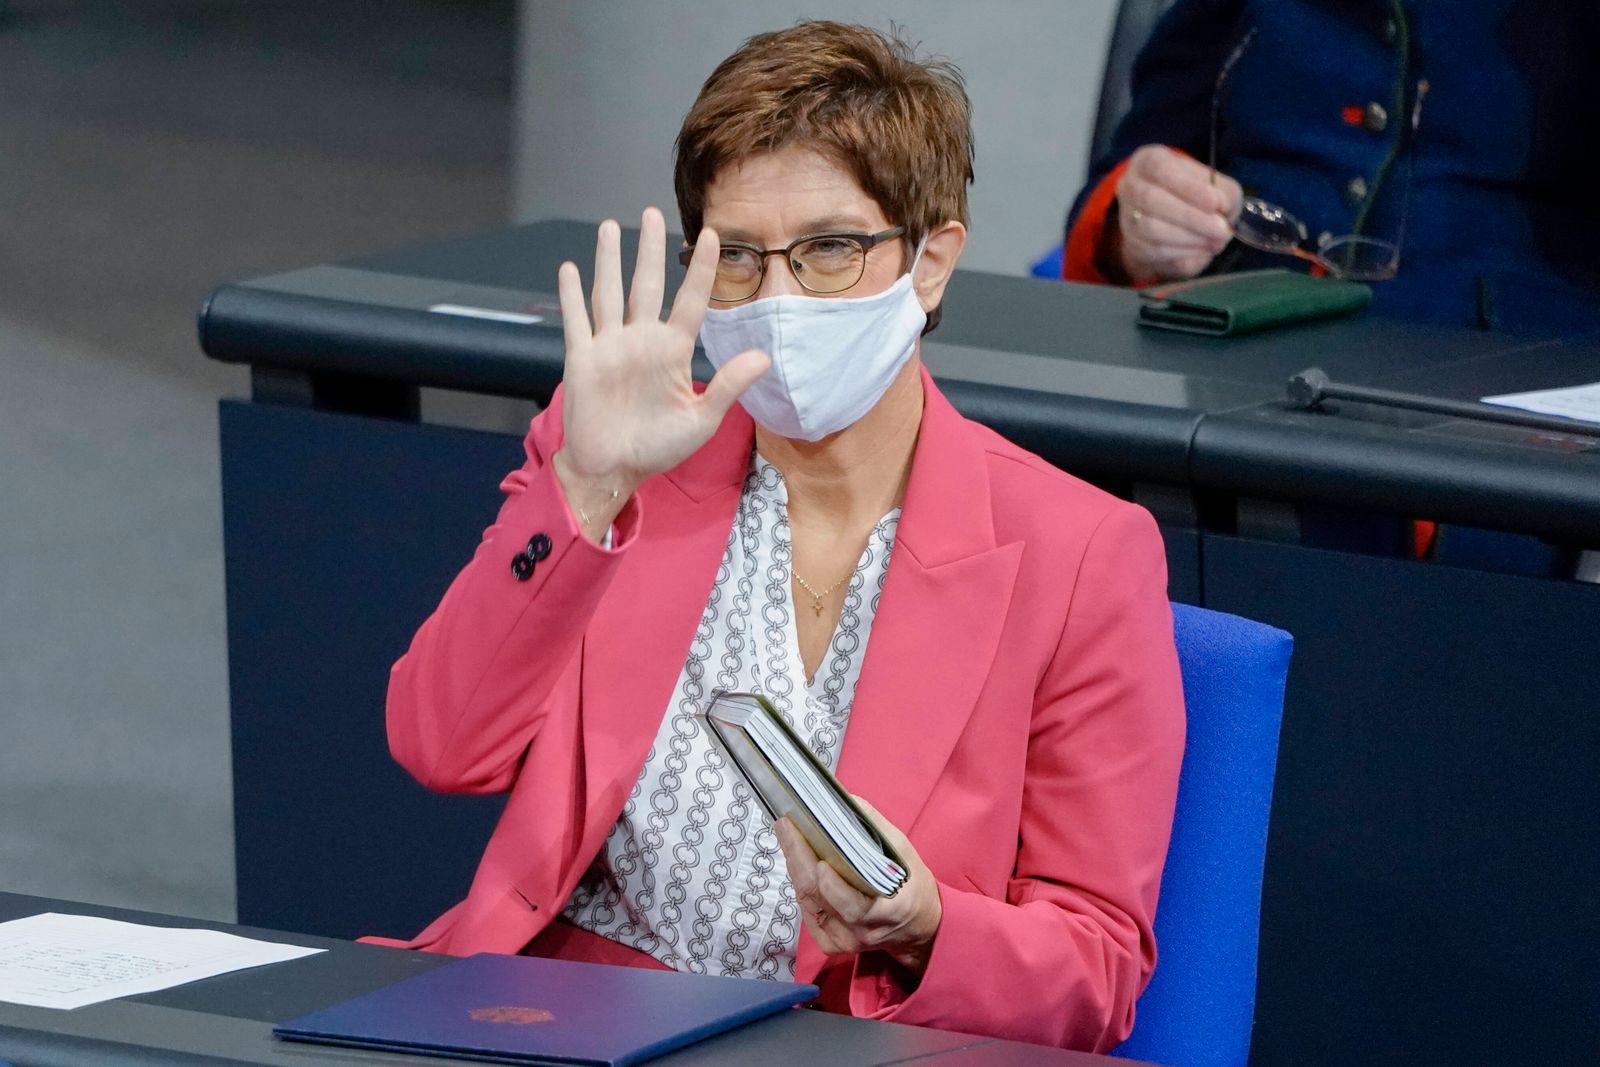 192. Bundestagssitzung in Berlin Aktuell, 19.11.2020, Berlin, Annegret Kramp-Karrenbauer die Bundesministerin der Verte